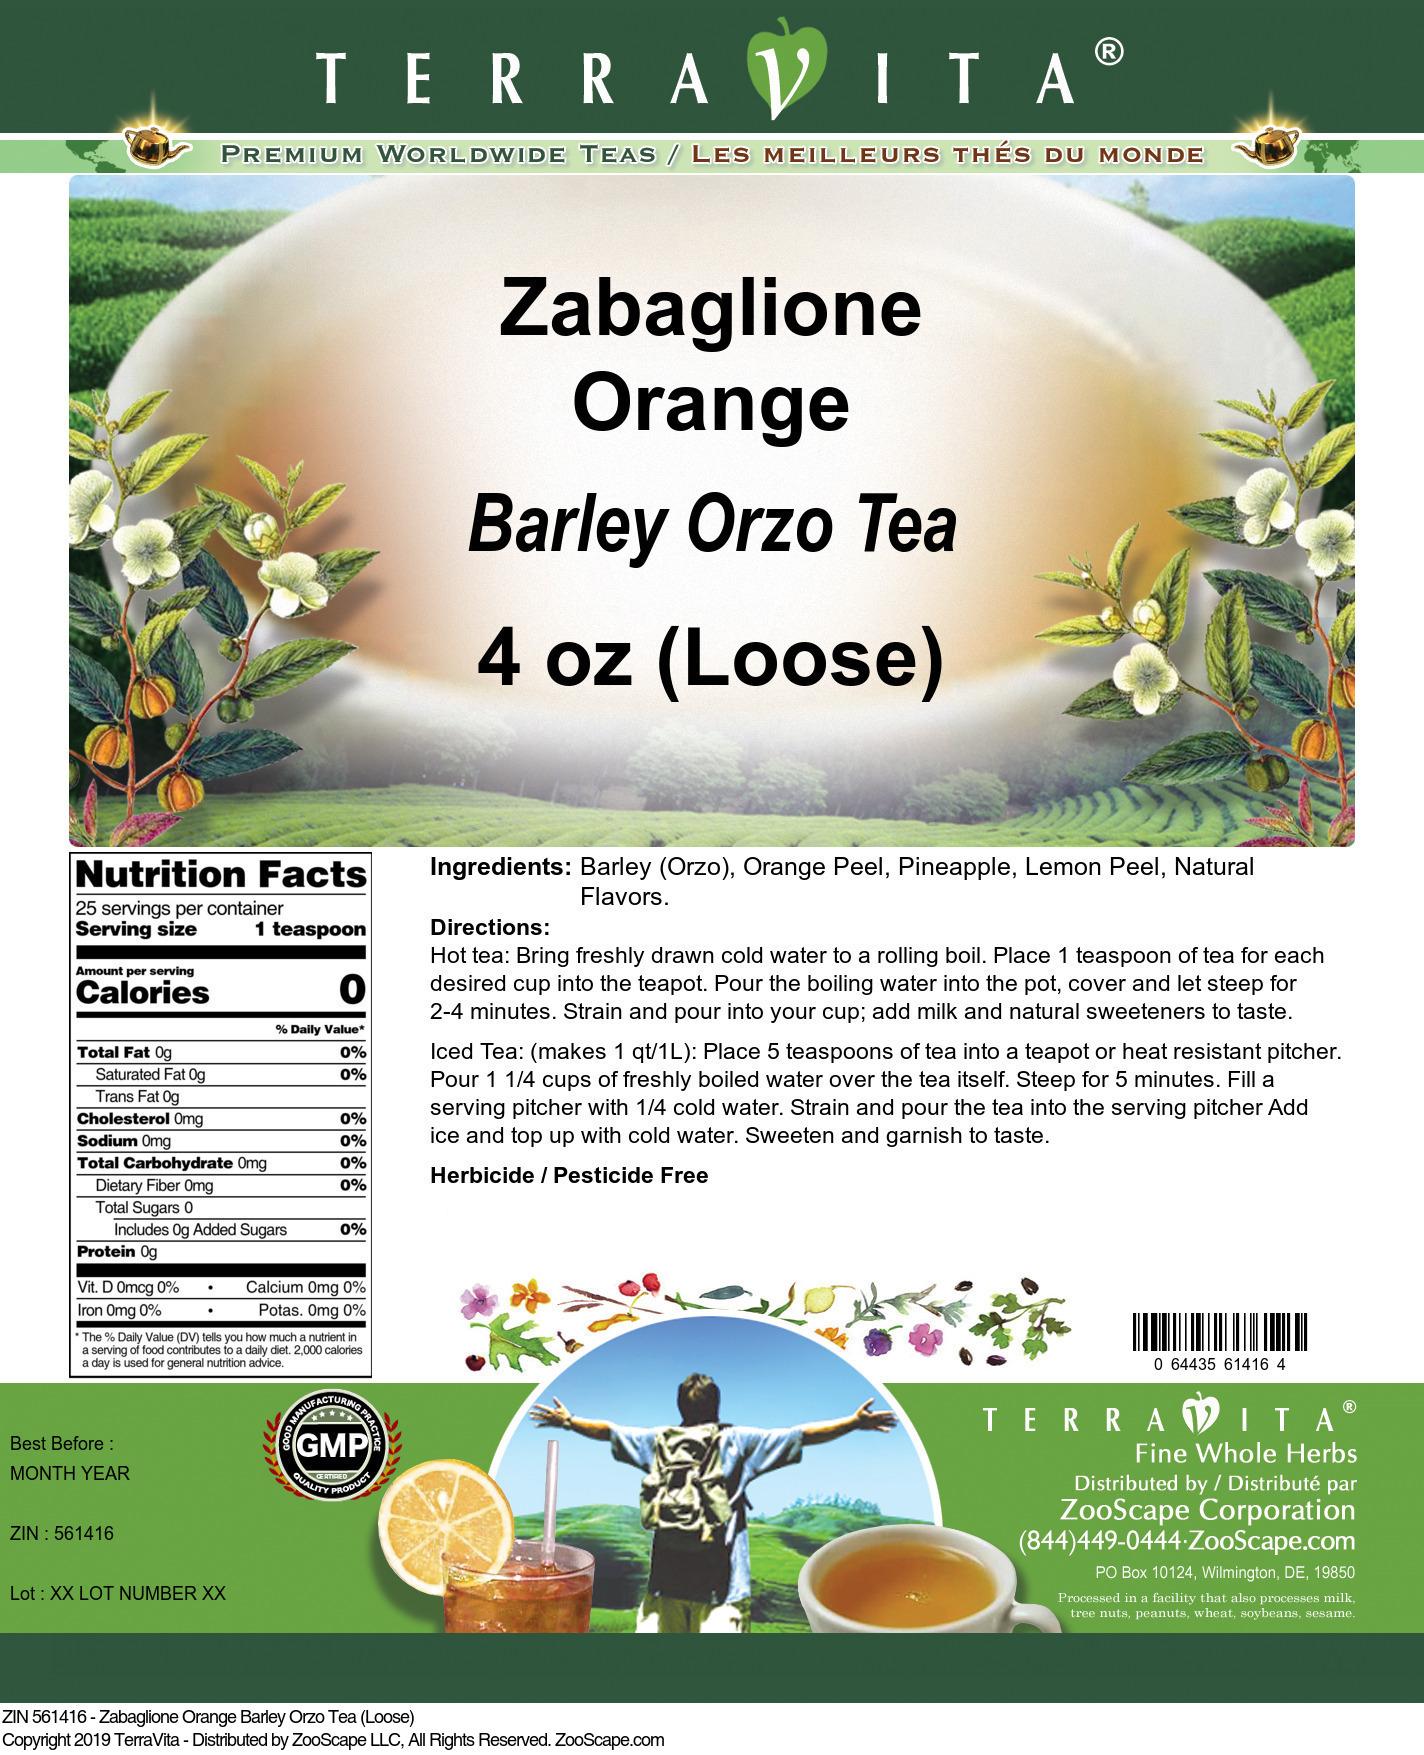 Zabaglione Orange Barley Orzo